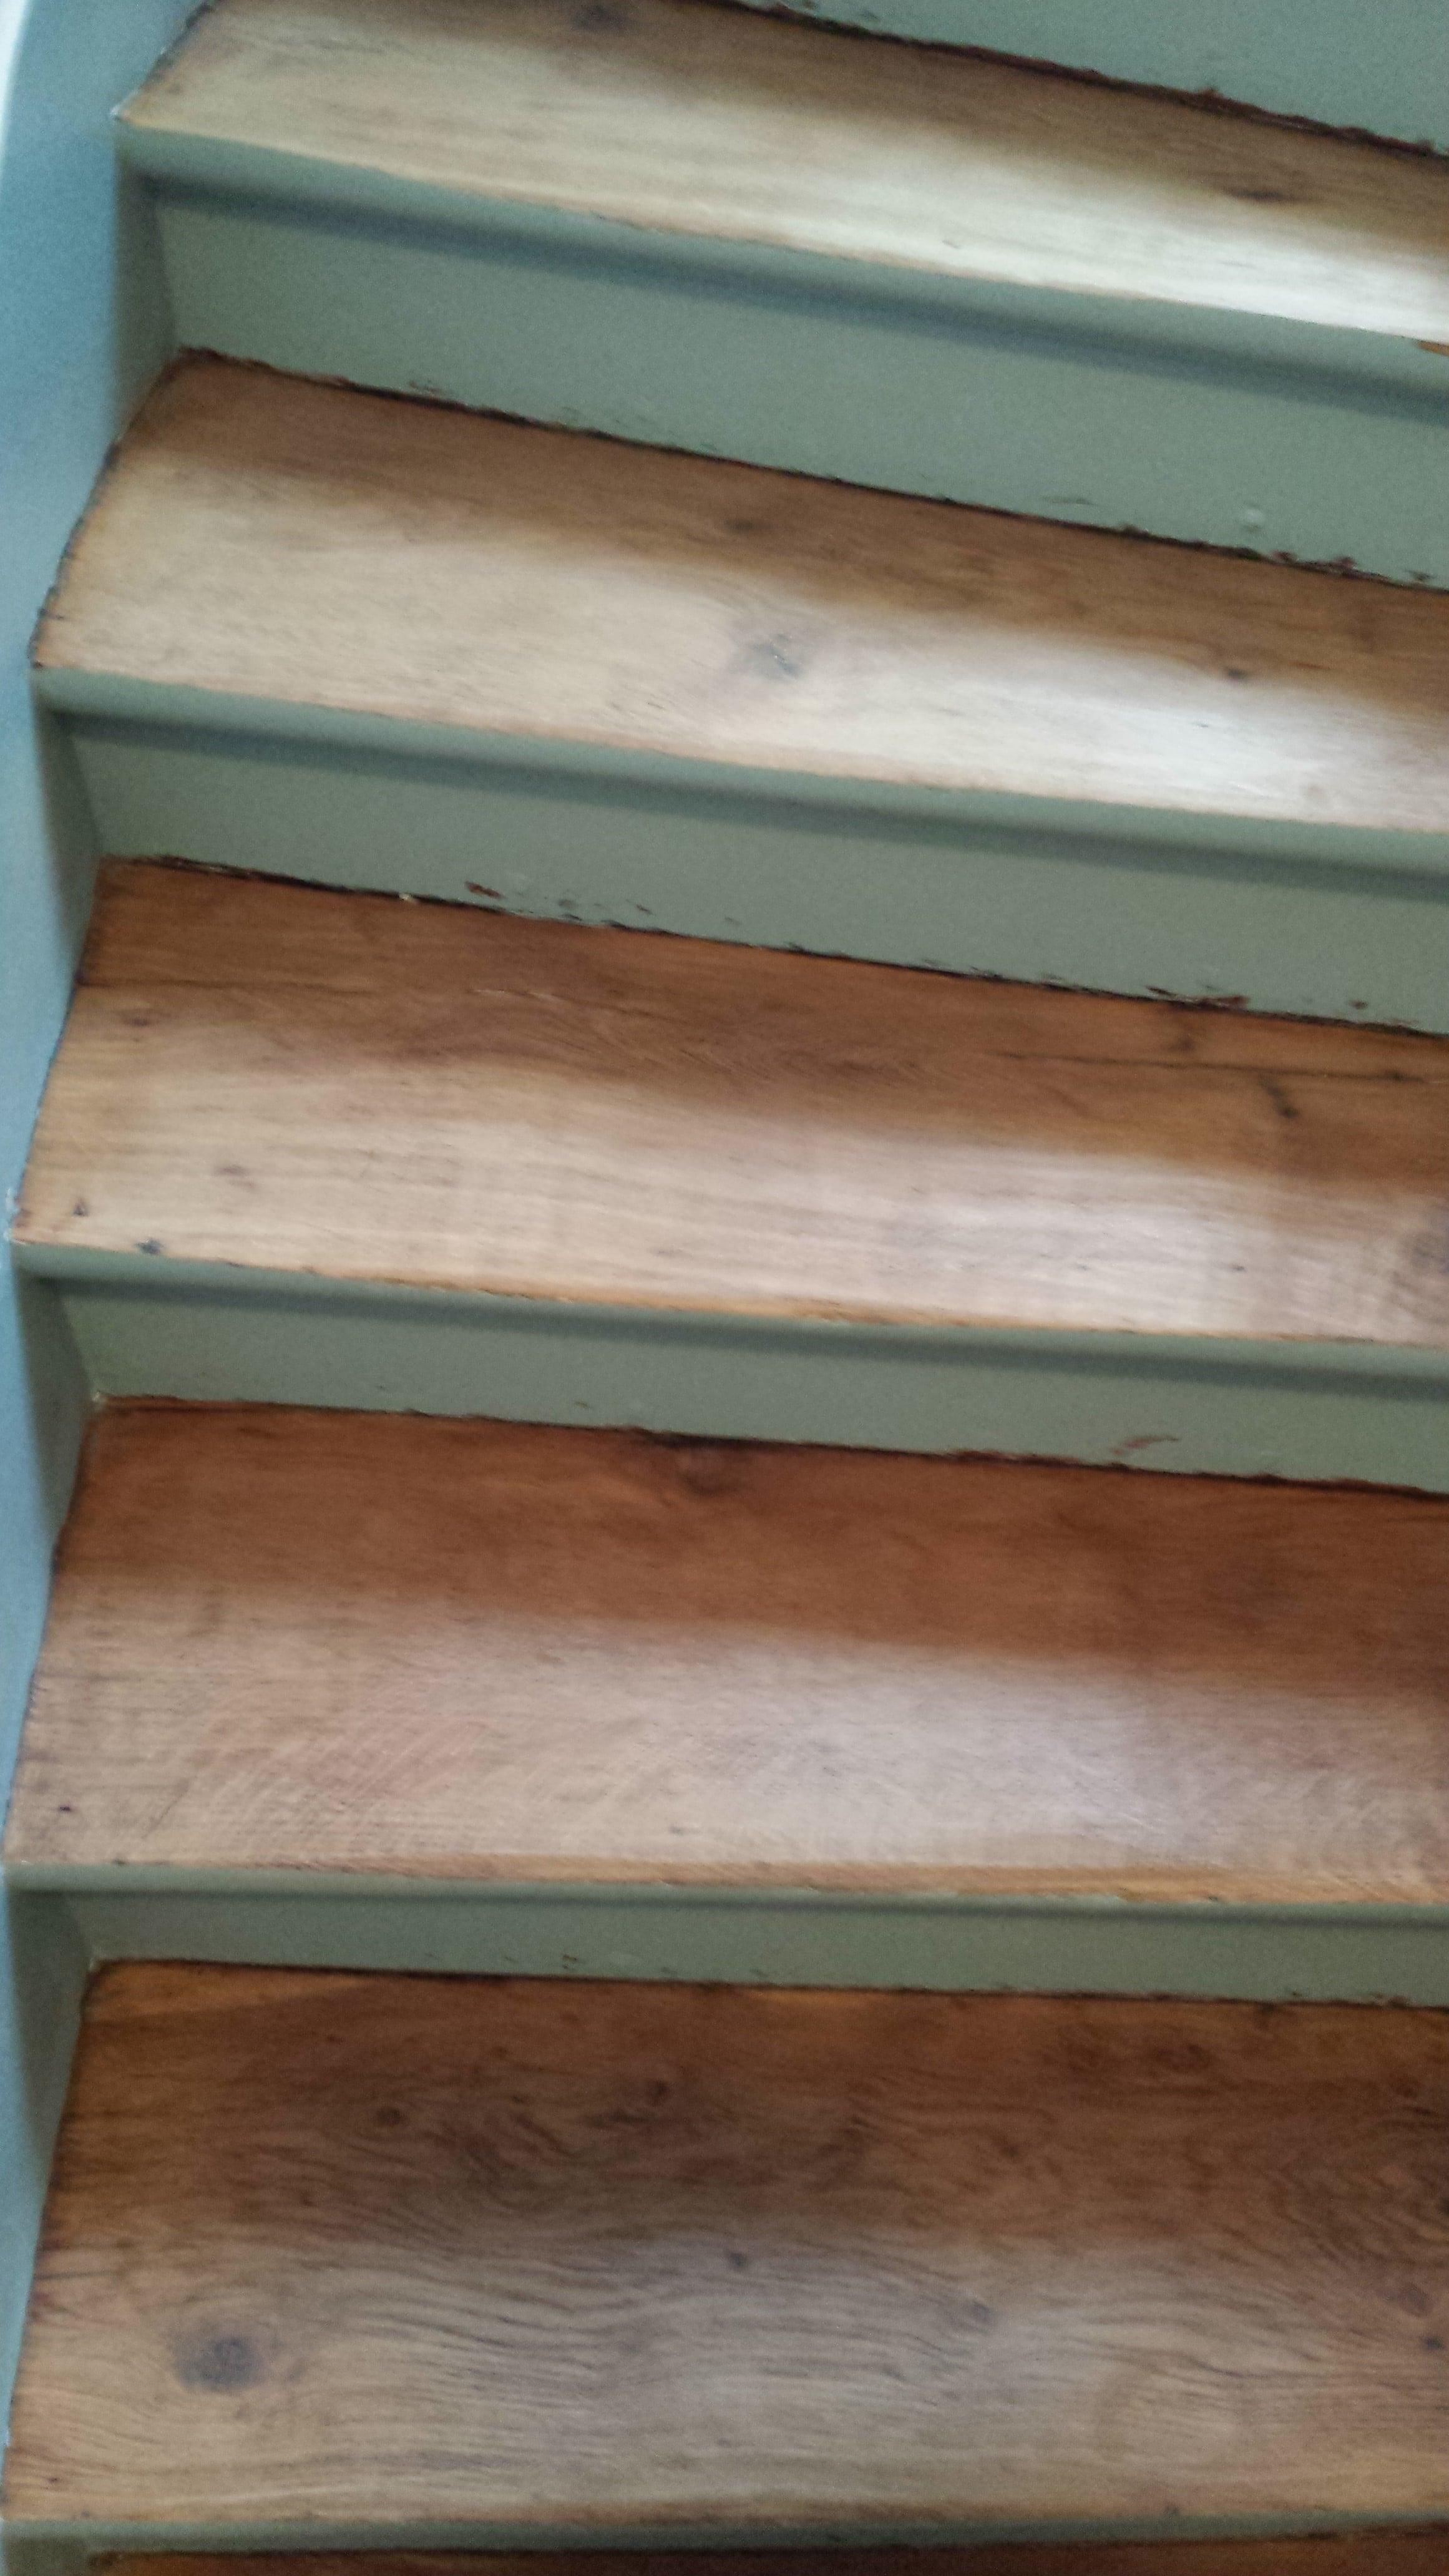 travaux-renovation-escalier-poncage-verni-immeuble-de-paris-2-texas-batiment-rge-min